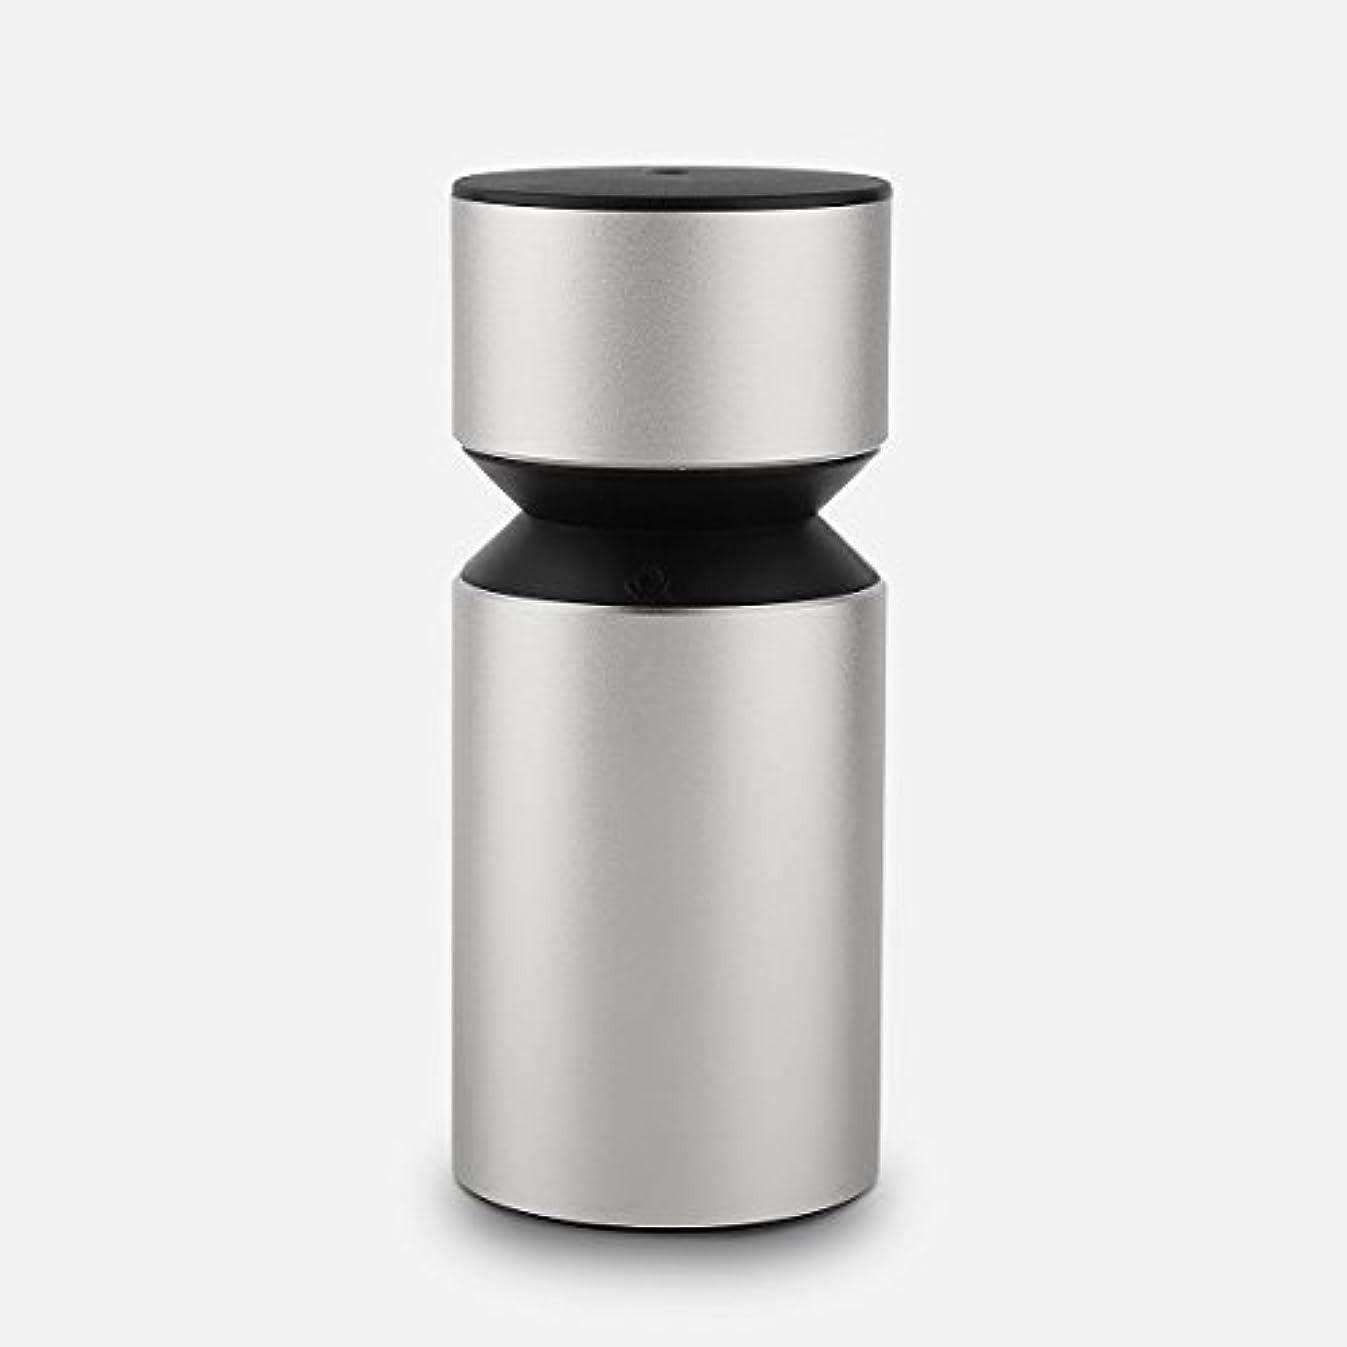 不条理悪因子才能のあるBbymieポータブルアロマテラピー純粋なエッセンシャルオイルディフューザーは車/旅行/オフィス/リビングルーム - 空気フレッシュ - ユニークなデザインは安全に使用する - Bpaフリー